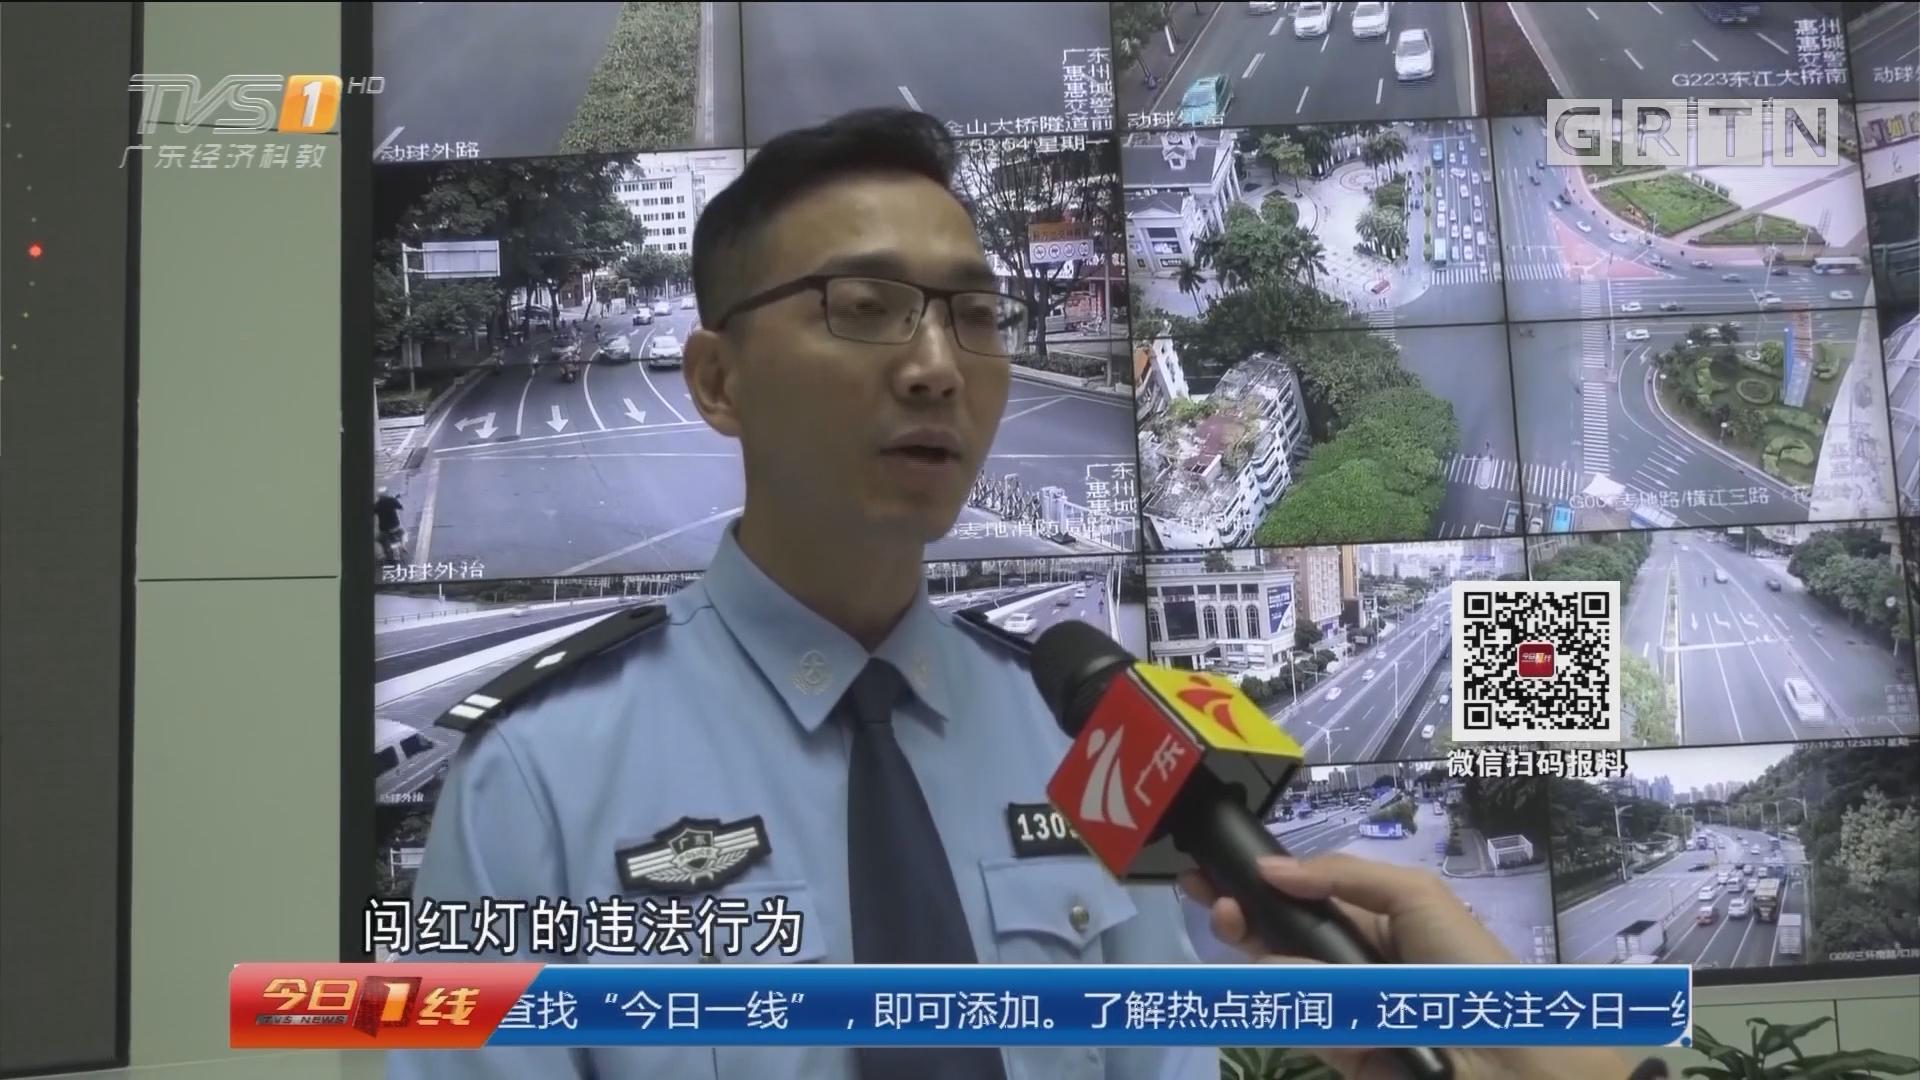 关注交通安全:惠州 货车司机污损车牌 闯红灯27次